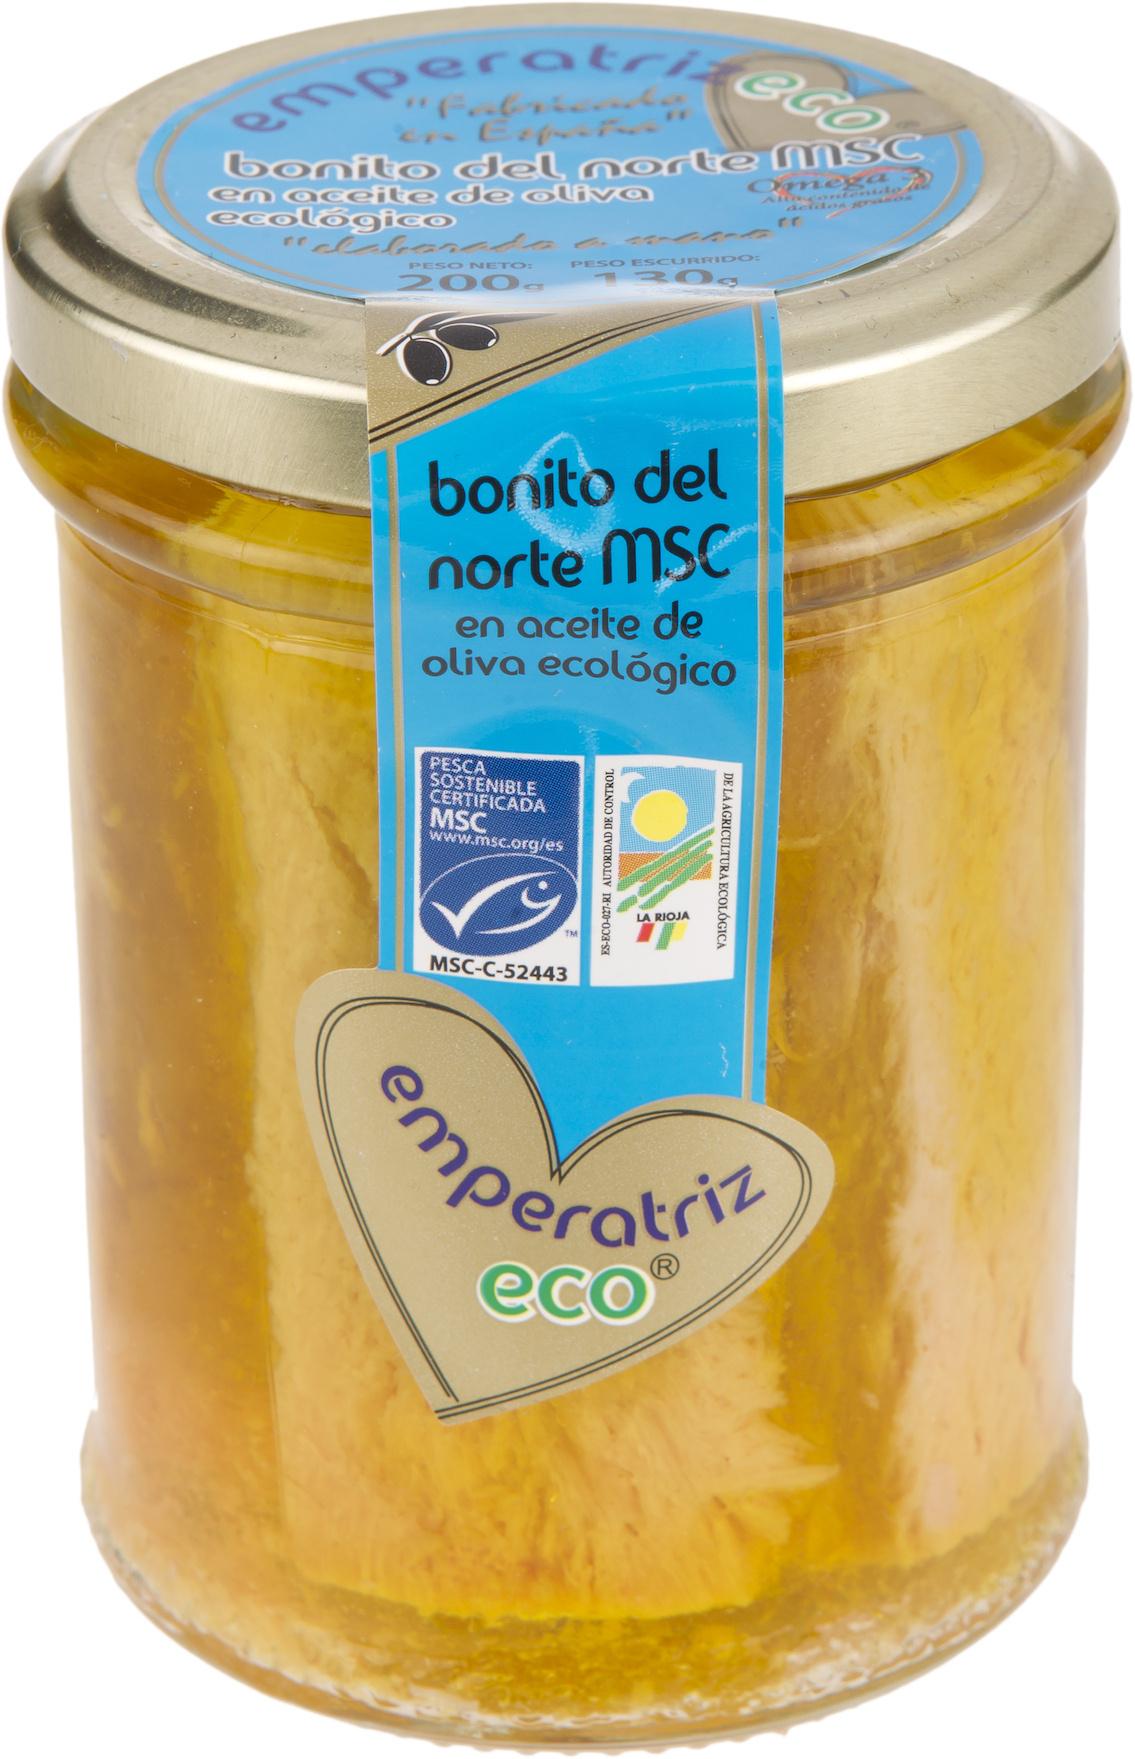 Bonito del norte MSC en aceite de oliva ecológico - Producte - es